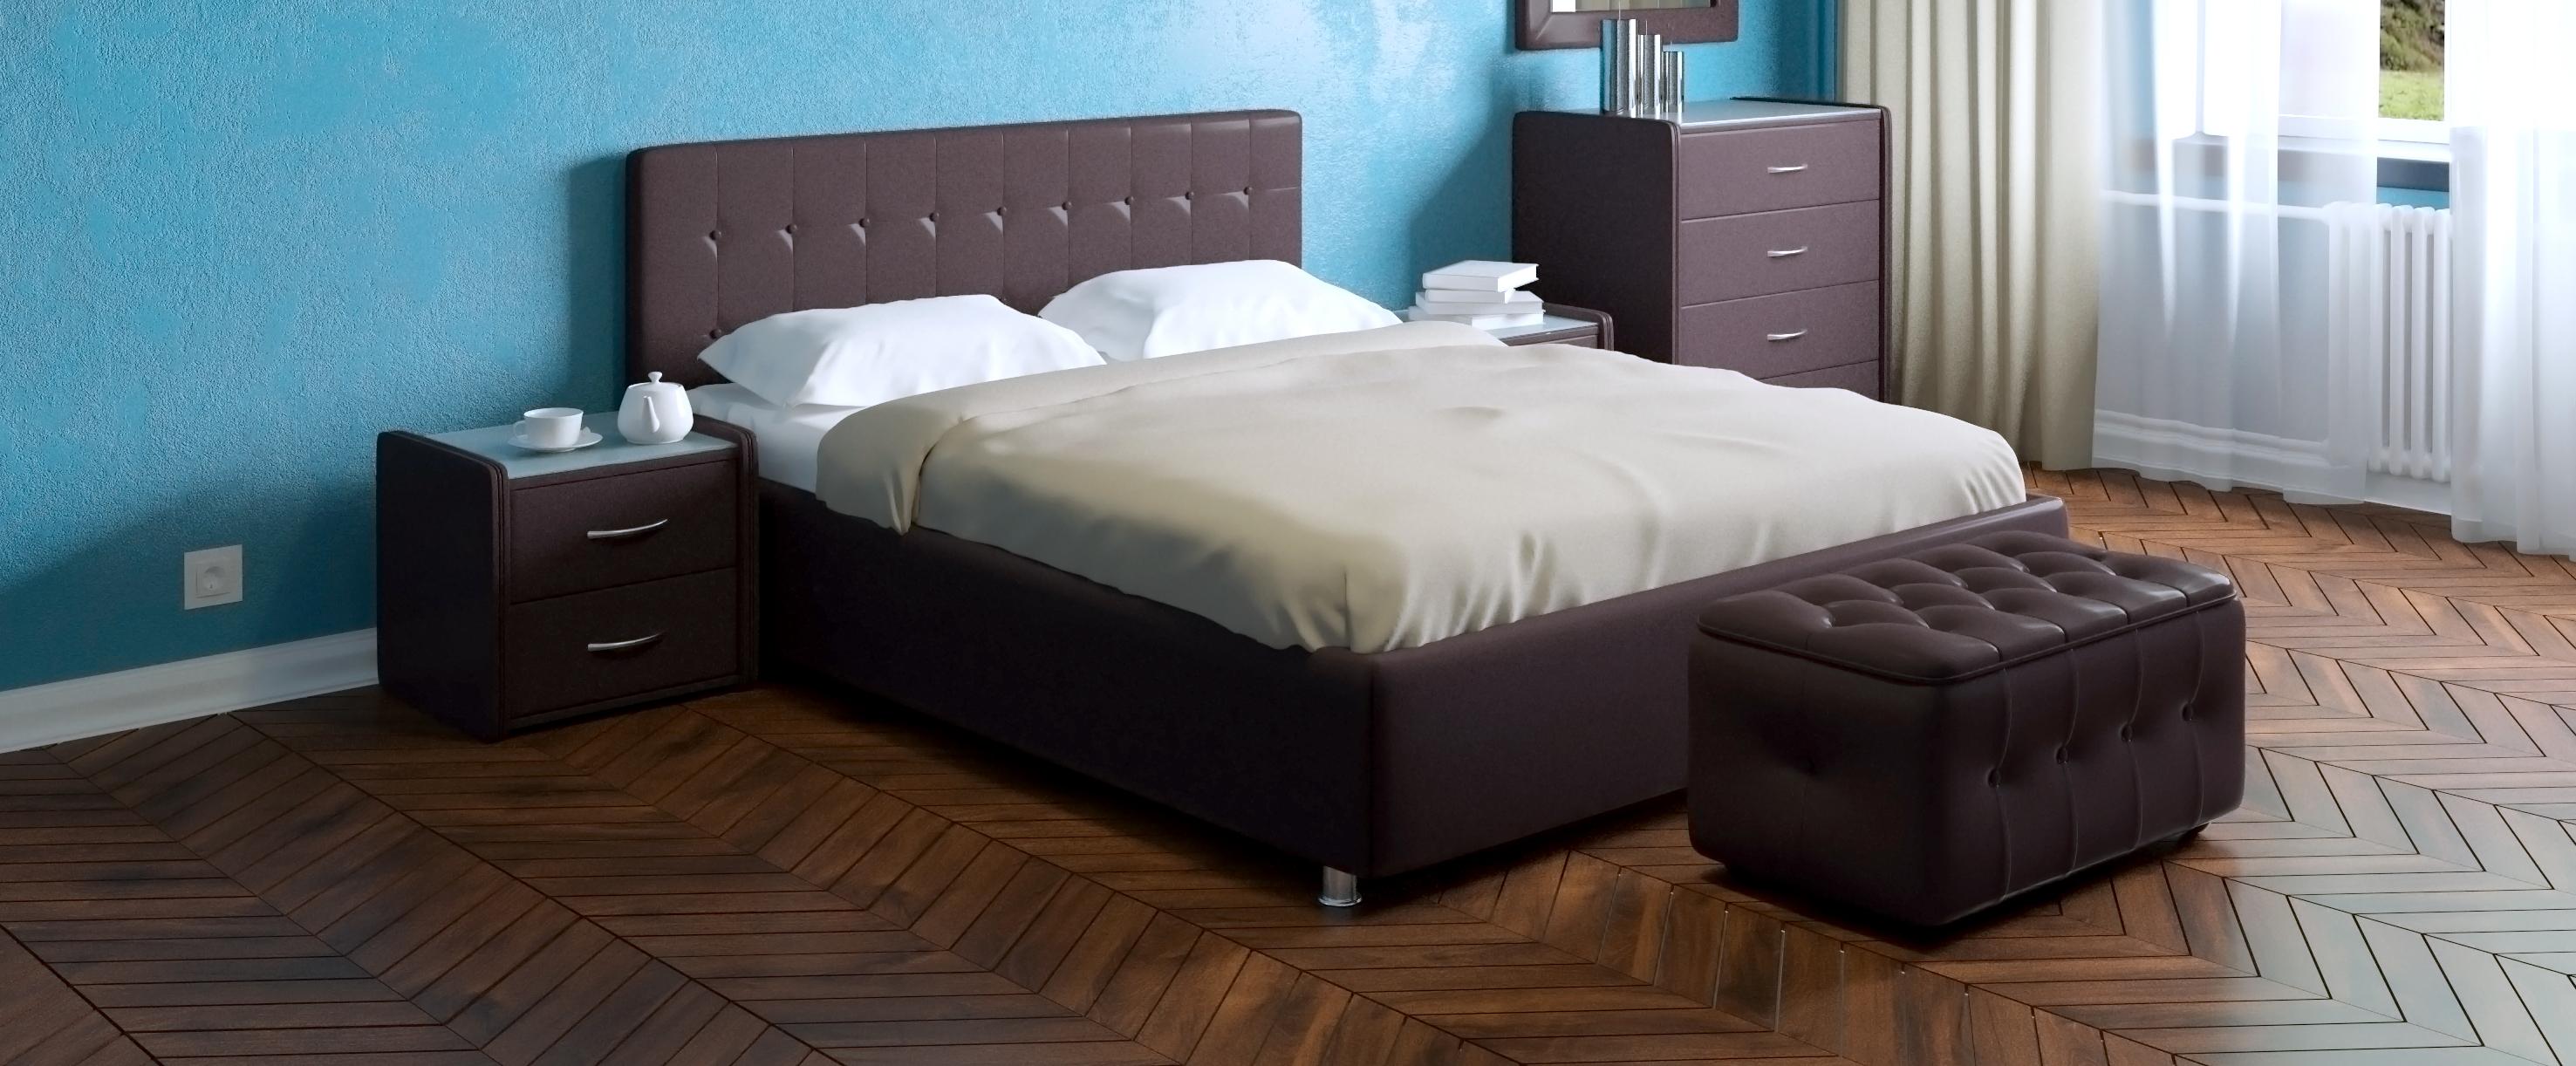 Кровать двуспальная Космопорт Модель 382Шикарная двуспальная кровать с универсальным дизайном. Подчеркнуть минималистичность или же наоборот романтическую роскошь интерьера комнаты можно с помощью спального комплекта соответствующей расцветки.<br><br>Ширина см: 176<br>Глубина см: 215<br>Высота см: 100<br>Ширина спального места см: 160<br>Глубина спального места см: 200<br>Подъемный механизм: Есть<br>Материал каркаса: ДСП<br>Материал обивки: Экокожа<br>Цвет: Коричневый<br>Код ткани: Кофе